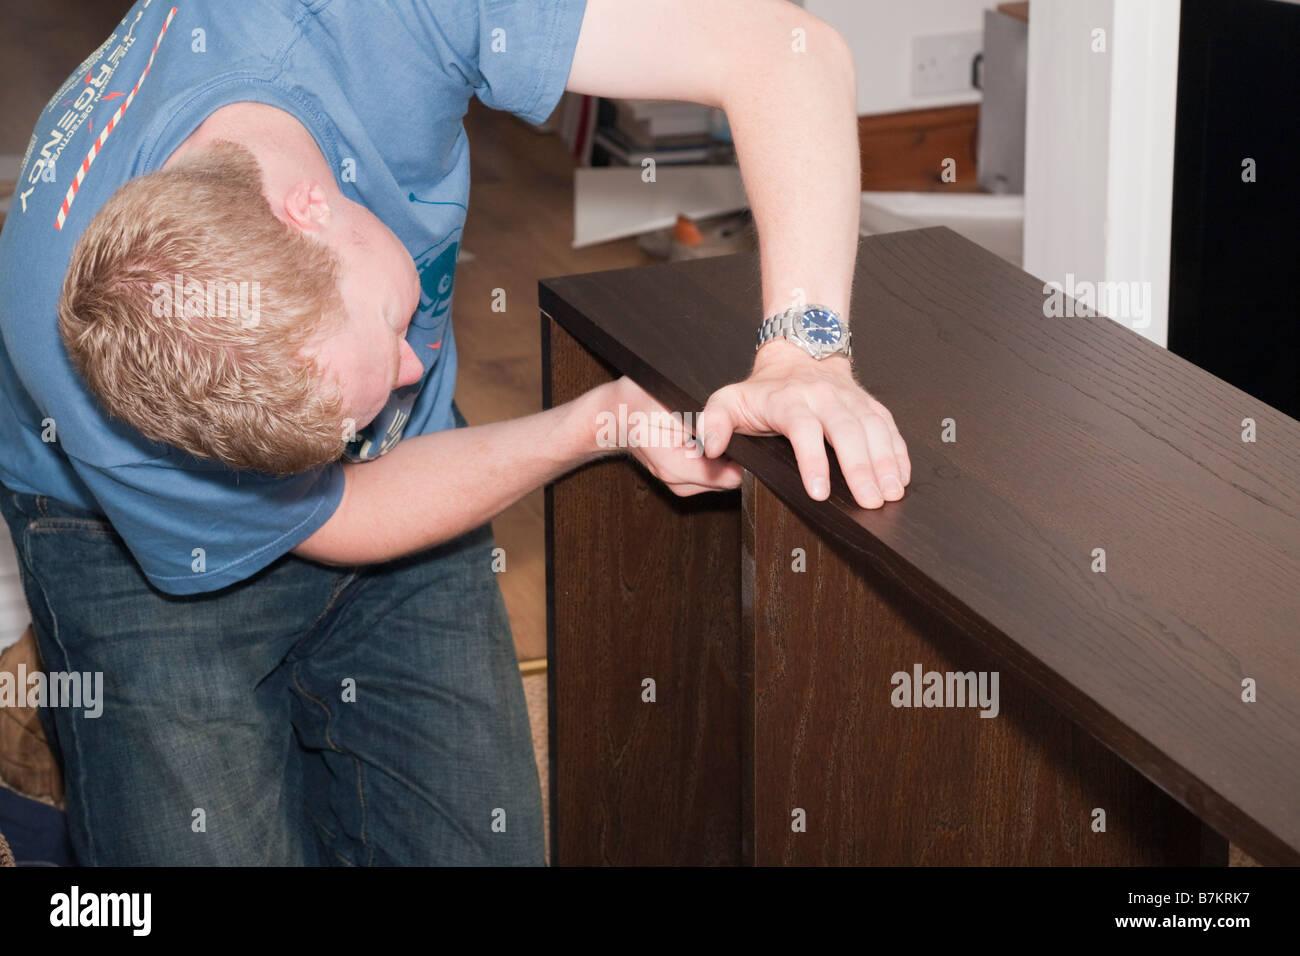 La Gran Bretagna UK giovane di assemblaggio di un flat-pack libreria in legno a casa Immagini Stock